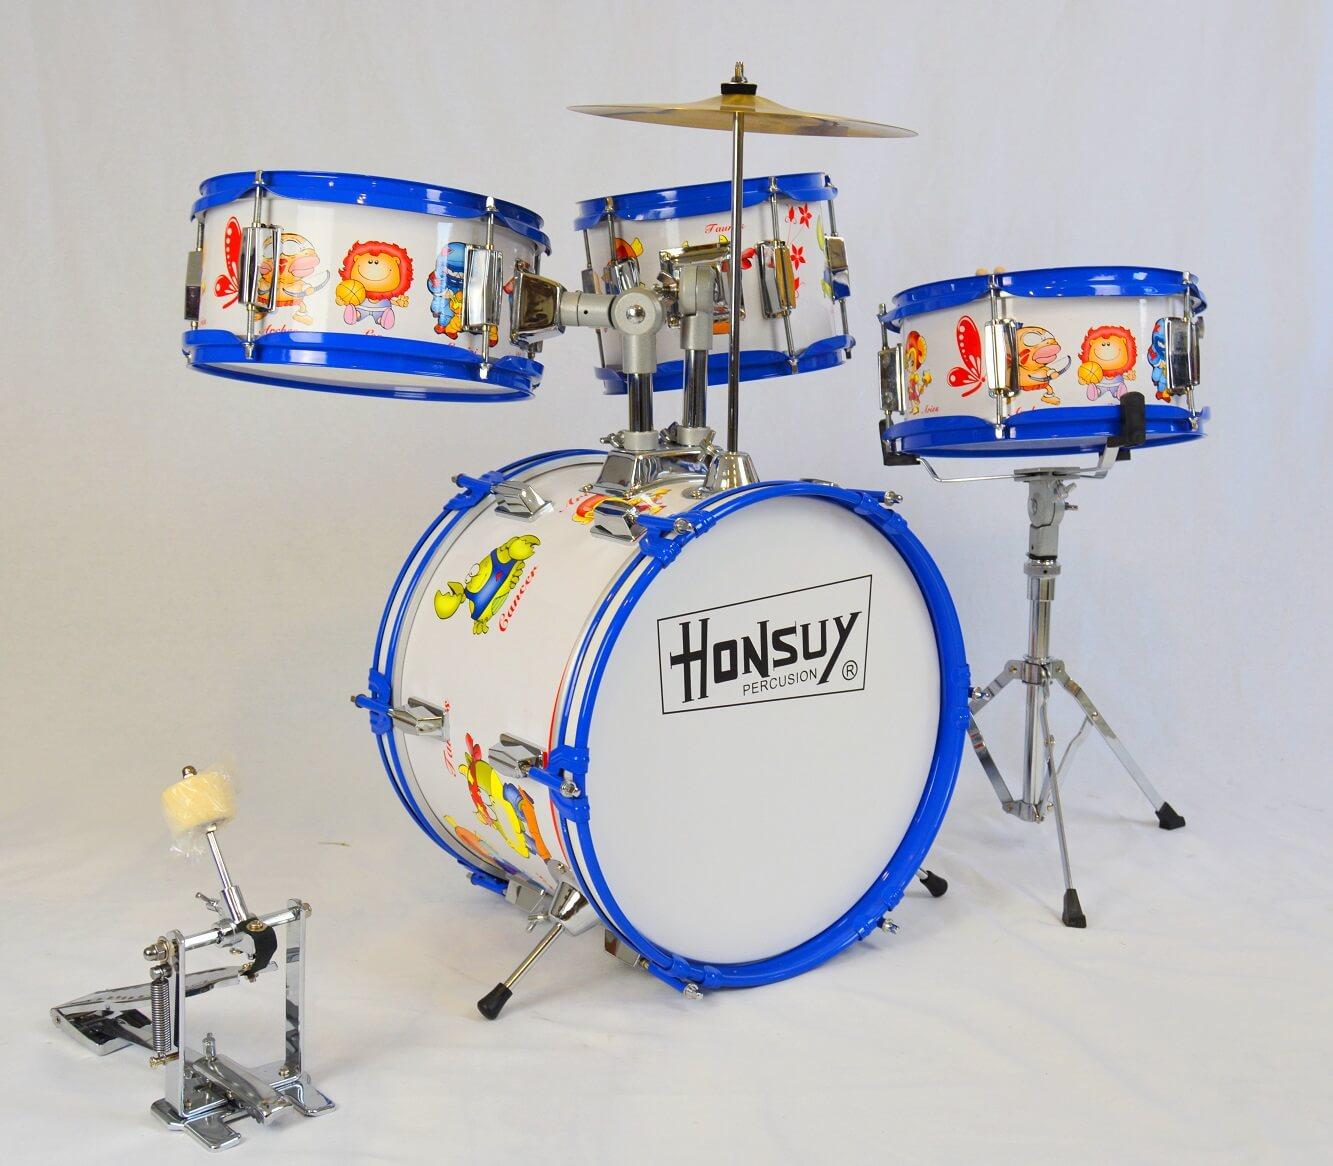 Batería Infantil Honsuy 10805 4 Piezas Dibujos